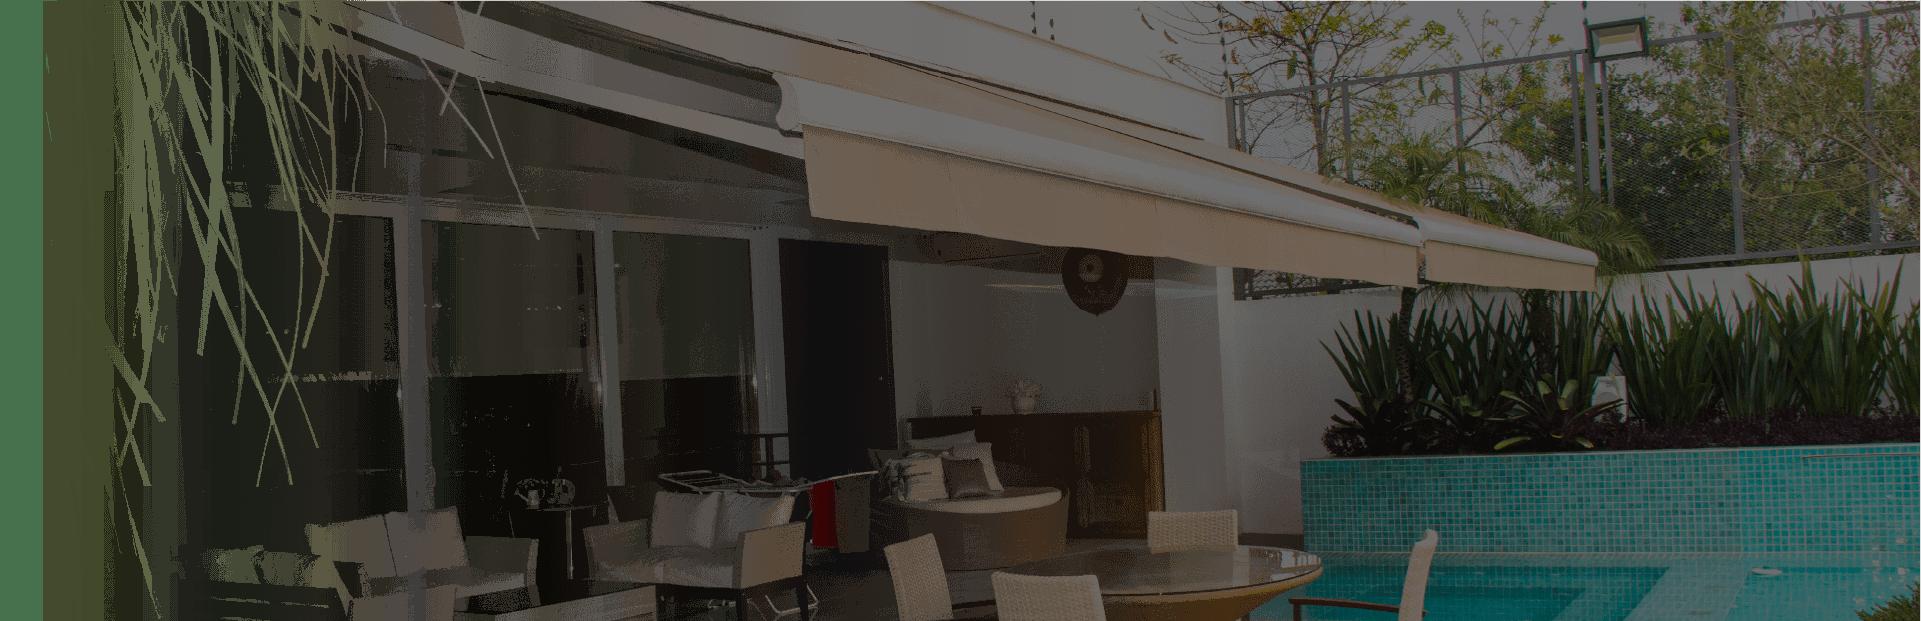 Cortinas, persianas e toldos personalizados de alto padrão